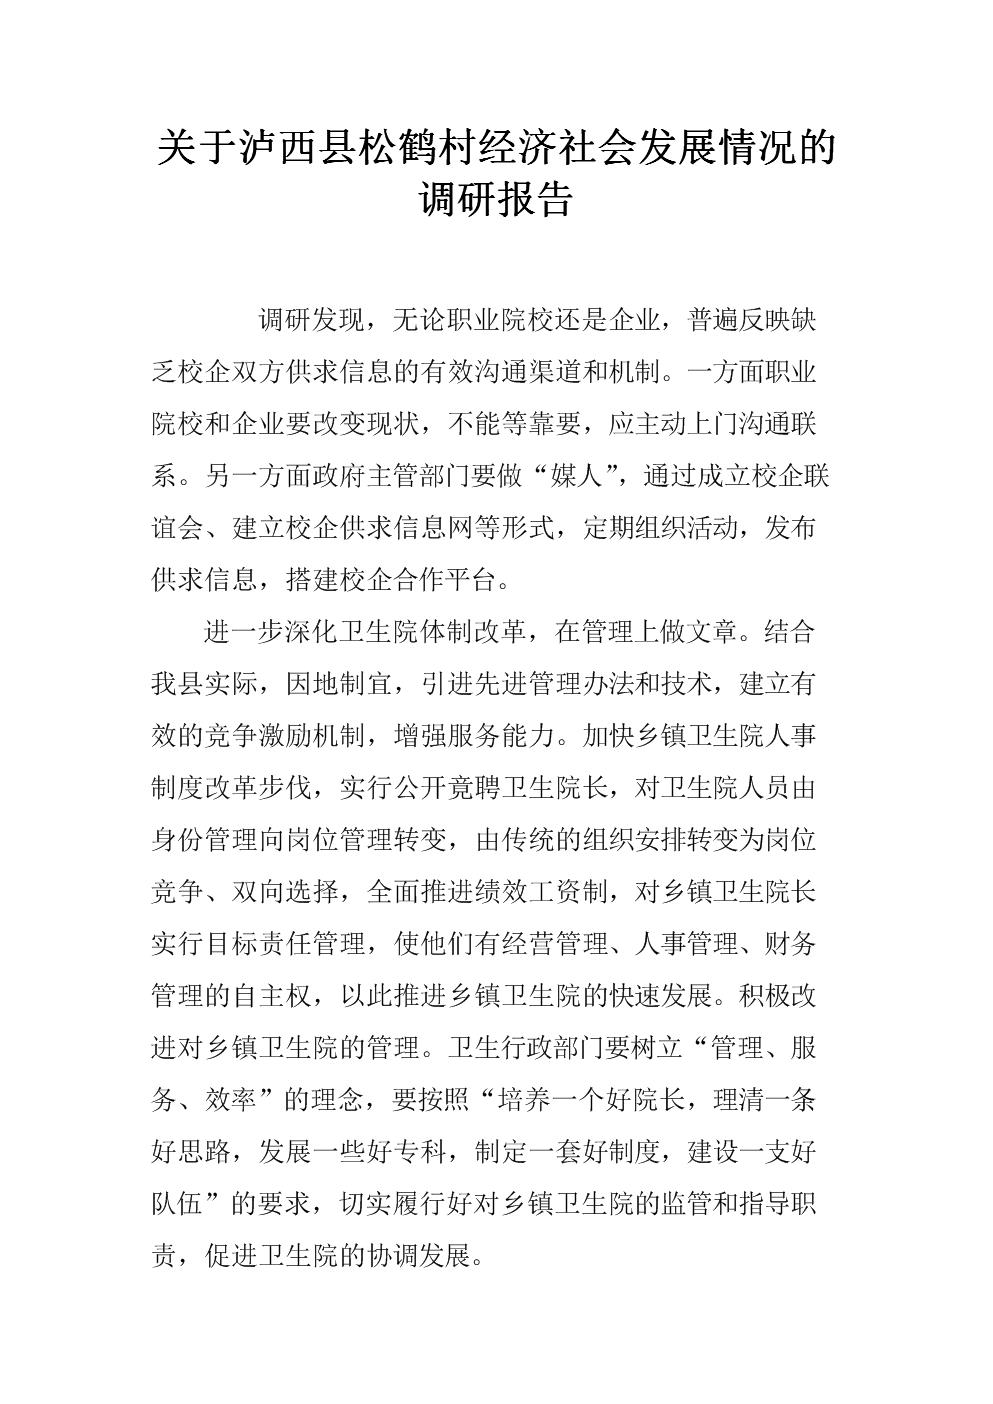 关于泸西县松鹤村经济社会发展情况调研报告.docx